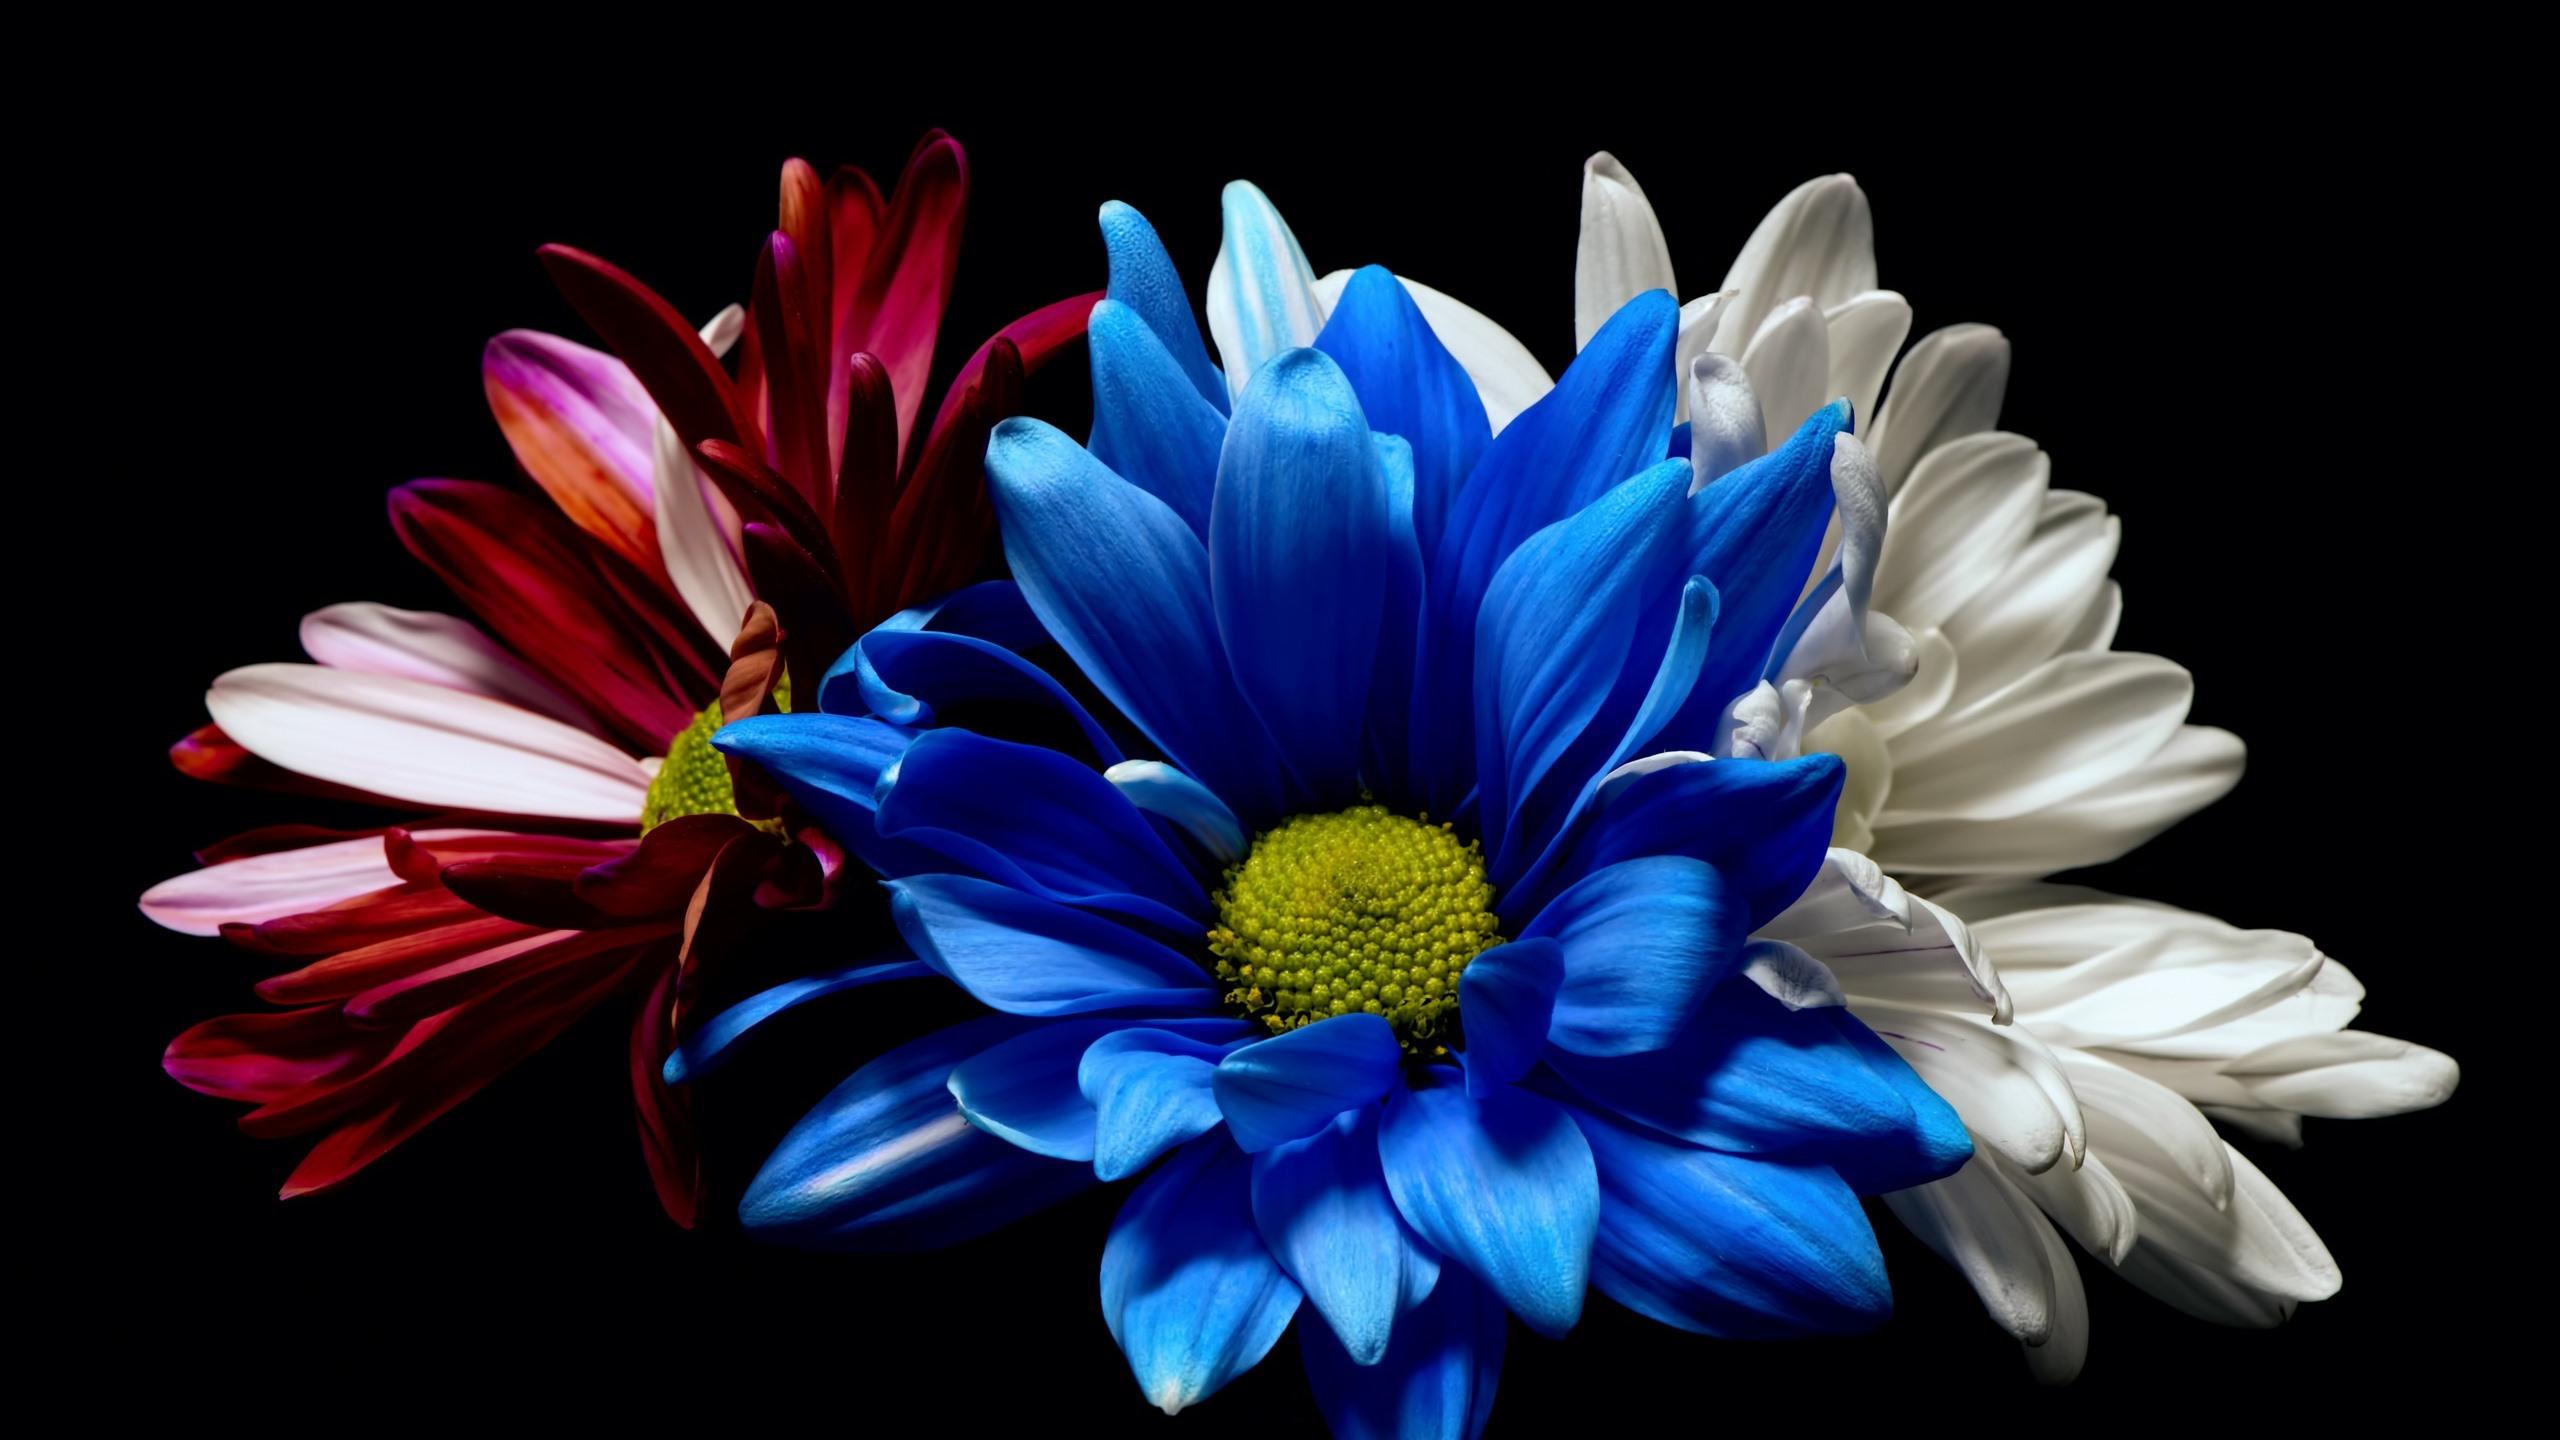 Blue Flower Wallpaper White Background